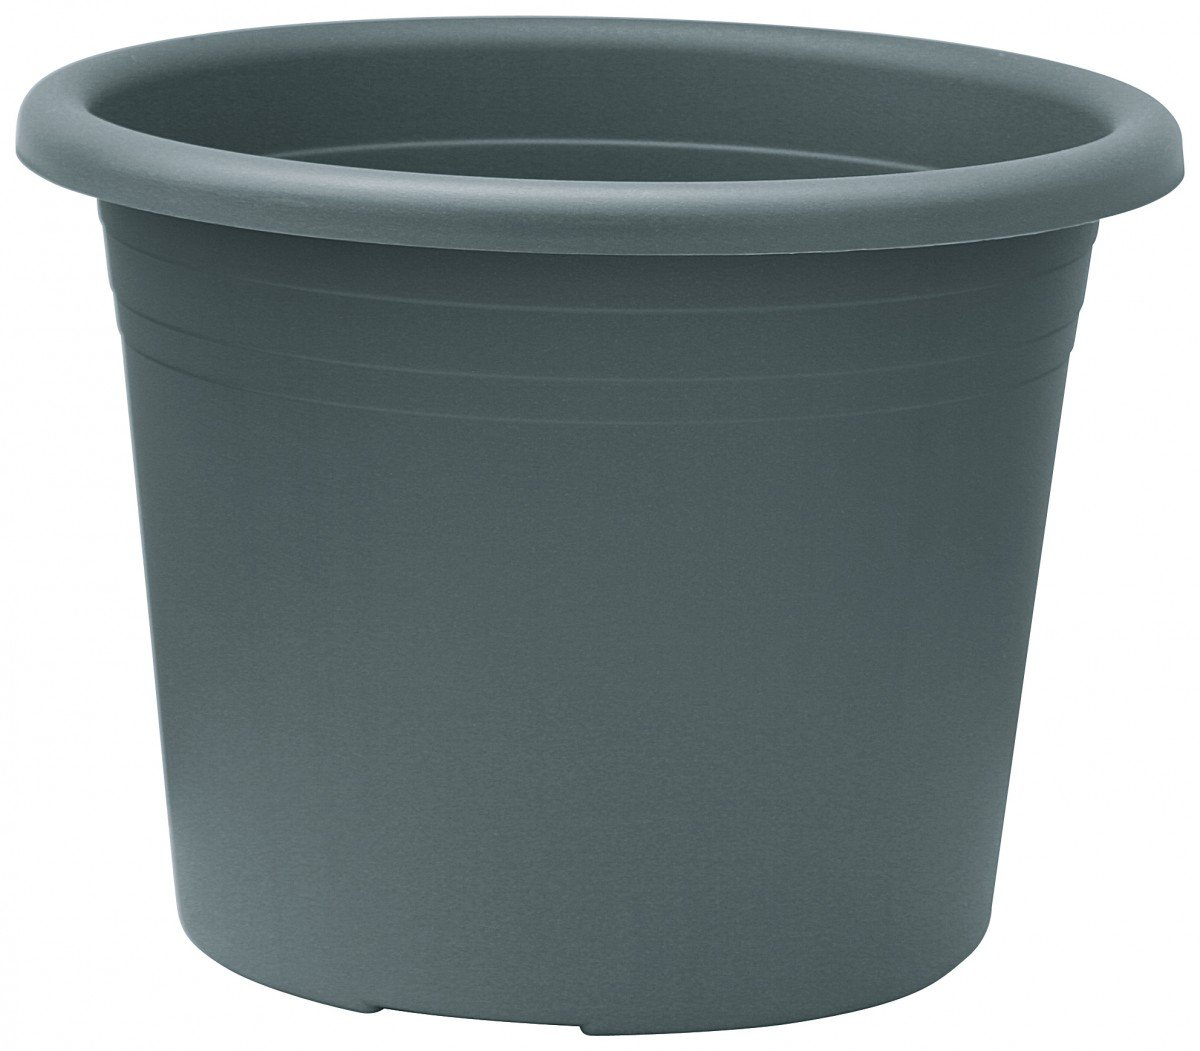 Whitefurze g04016 topf tr ge terracotta 5 er pack mwd for Blumentopf plastik